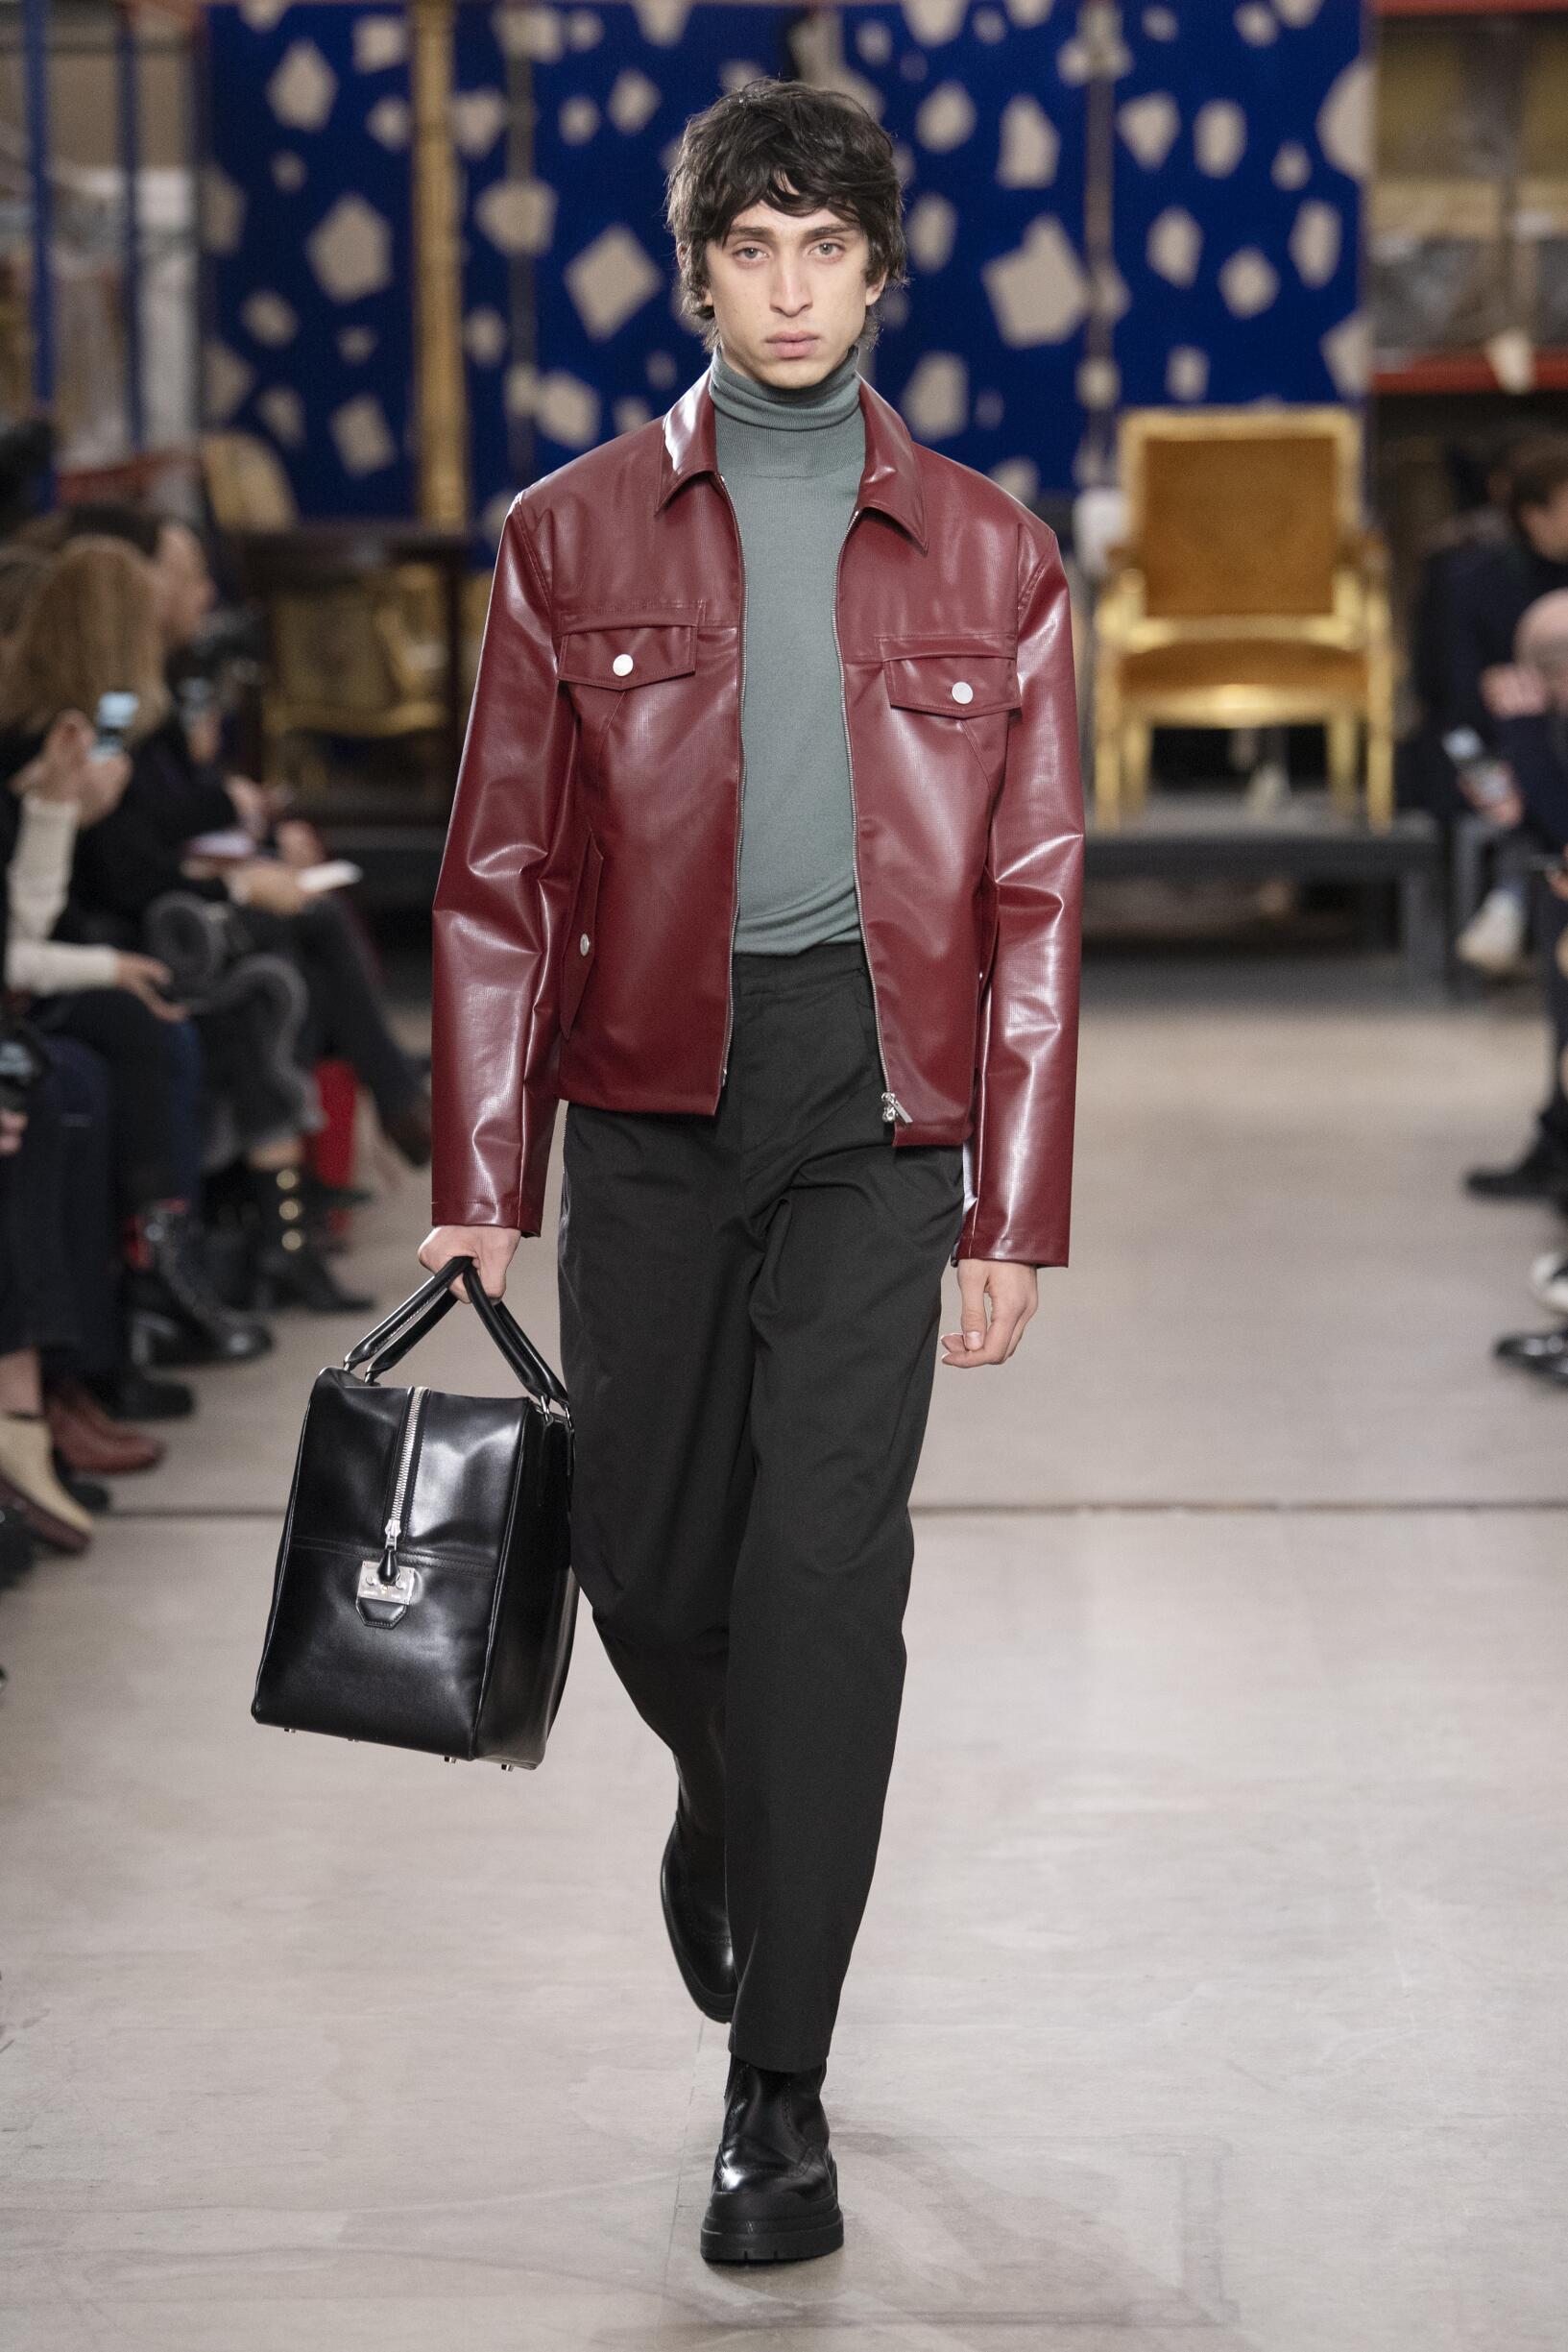 Hermès Menswear Fashion Show